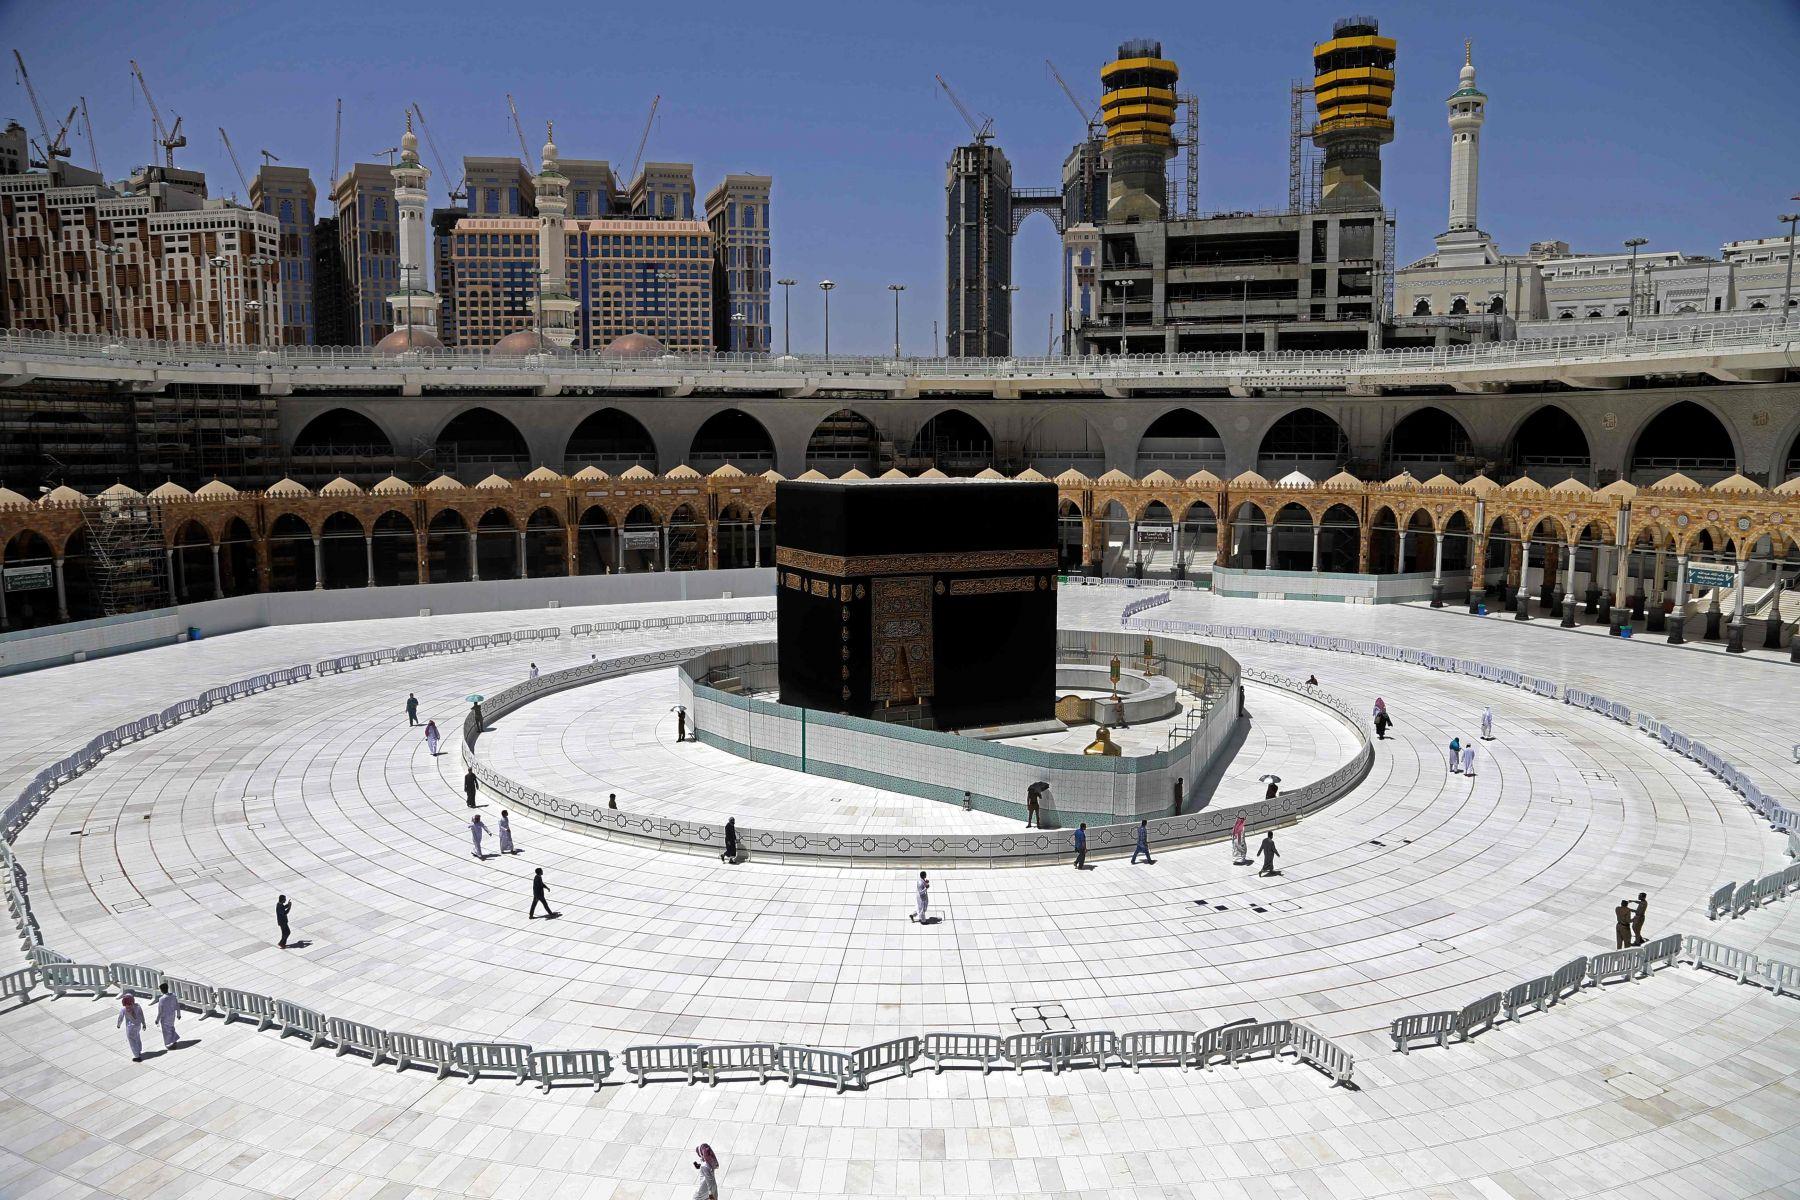 Otoritas Arab Saudi Umumkan Jemaah Haji Tahun Ini Sangat Terbatas